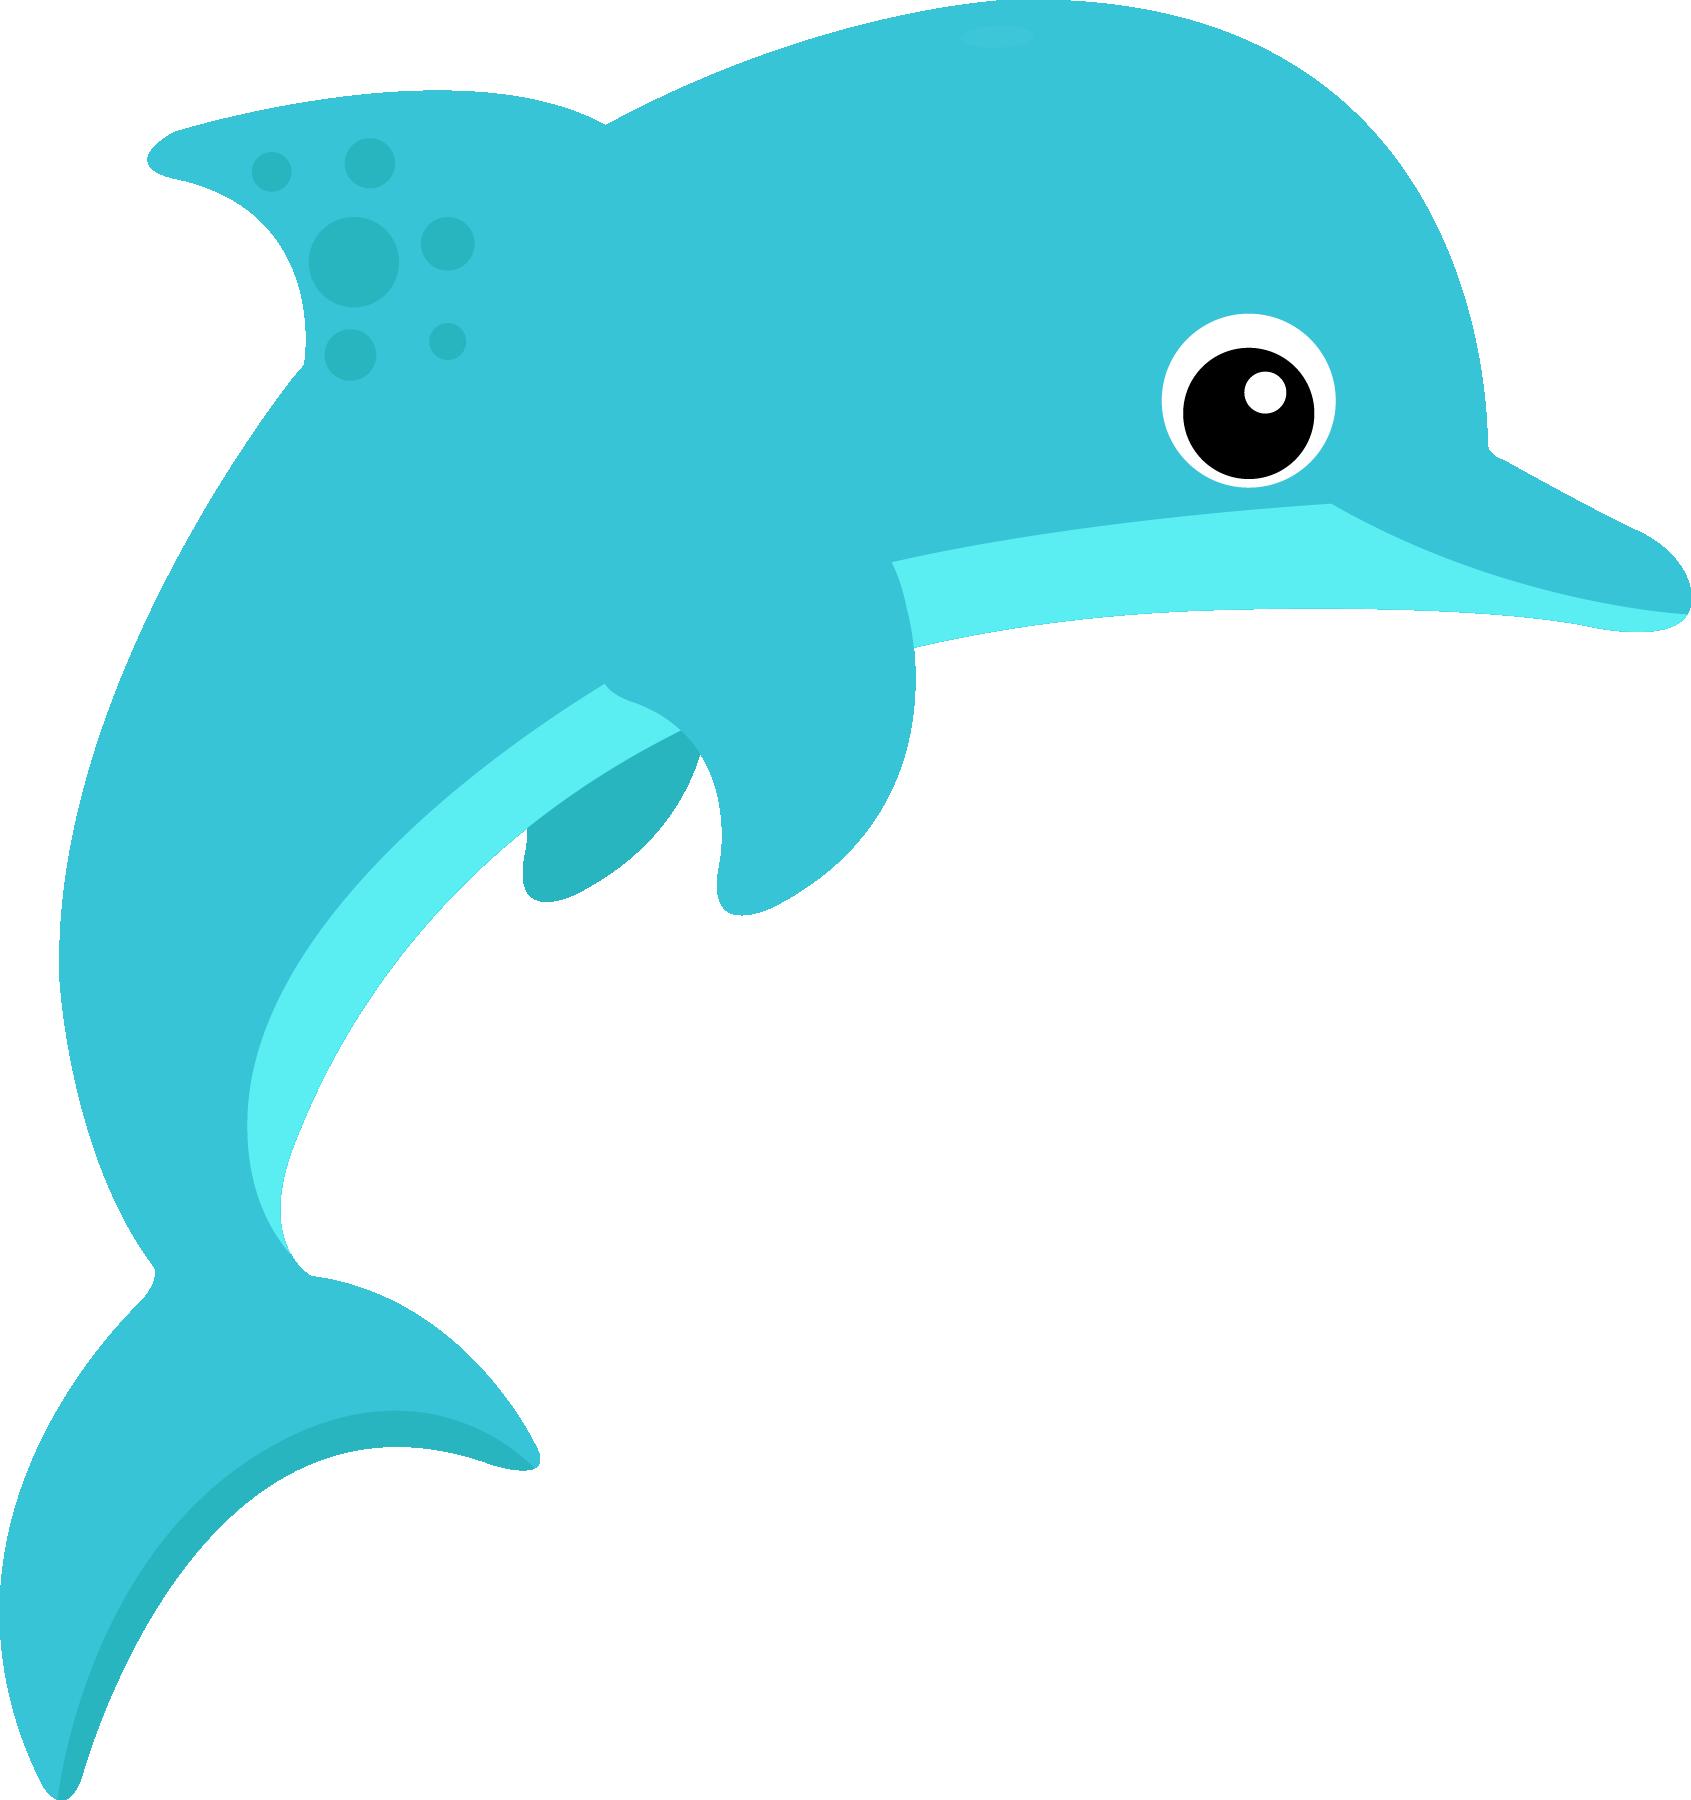 Marine Life clipart baby dolphin Cliparts Zone sea Clip animals